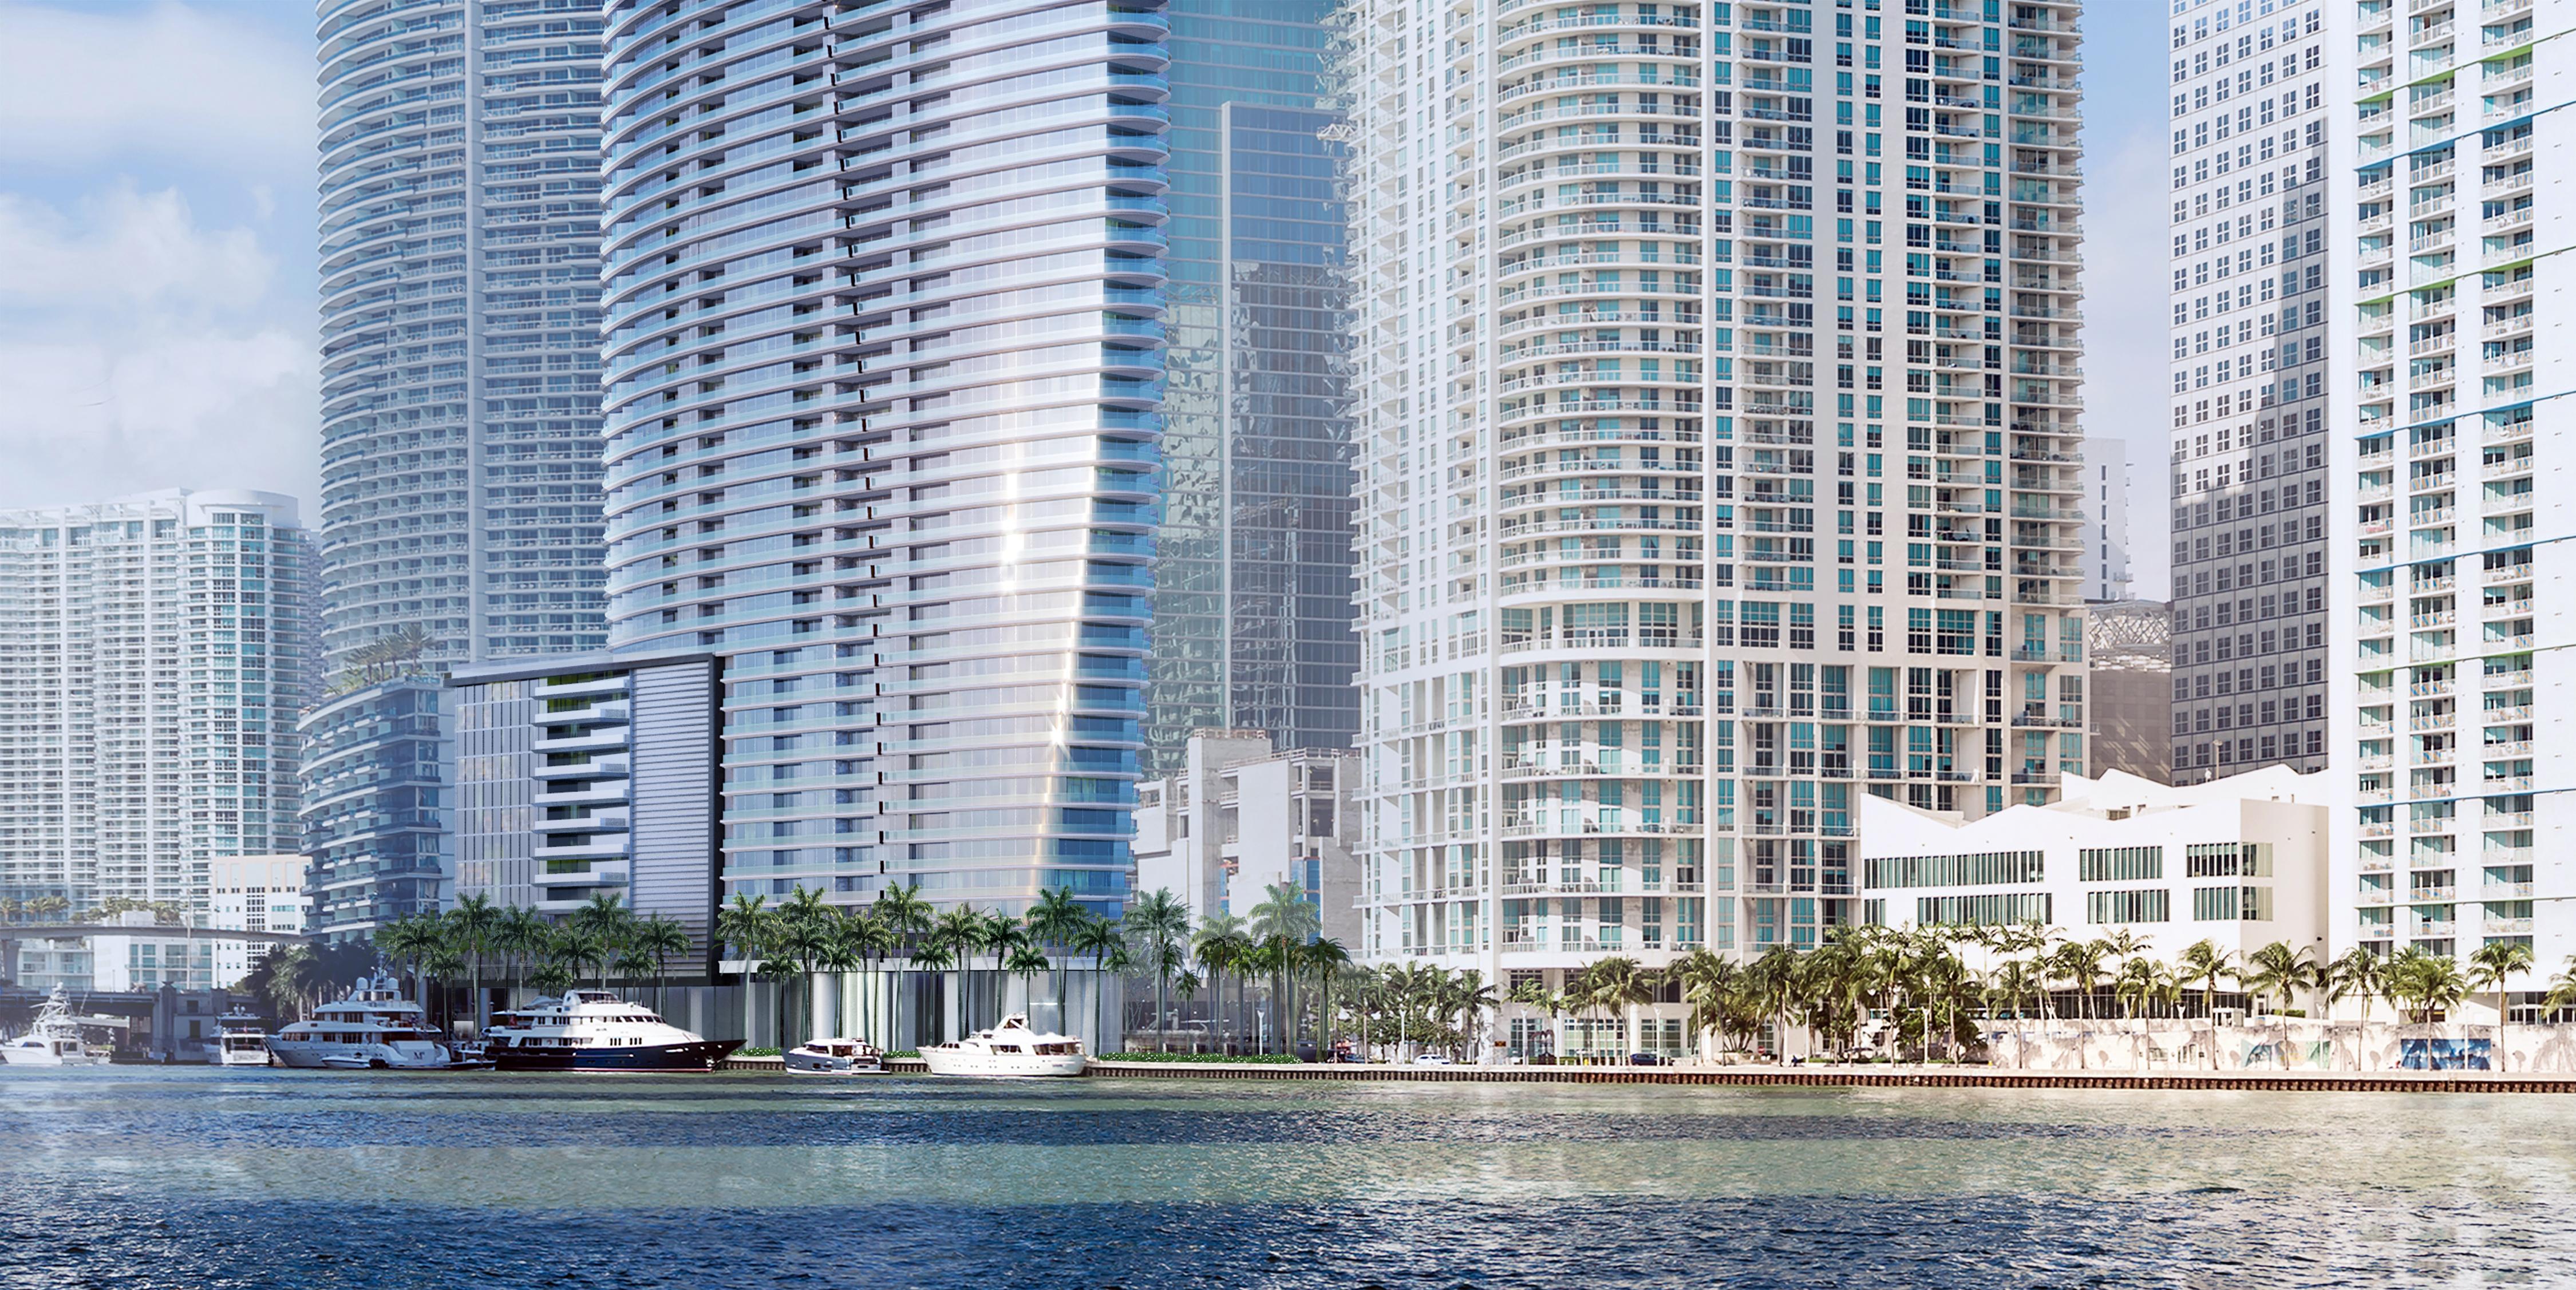 Miami: residencias de lujo con un nivel de vida superior y carga fiscal beneficiosa